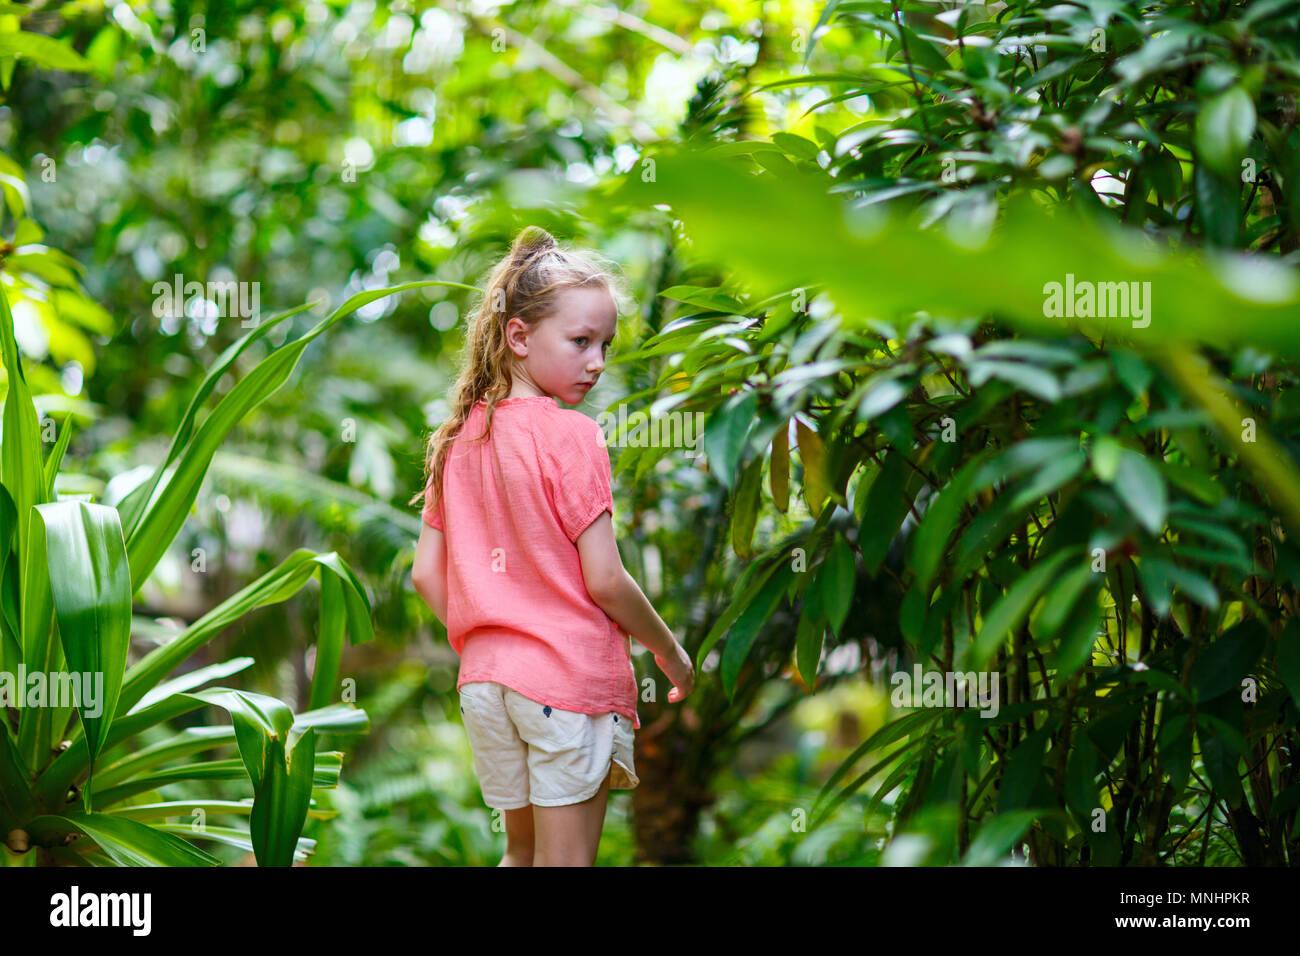 Casual ritratto di bambina all'aperto sul giorno di estate Immagini Stock